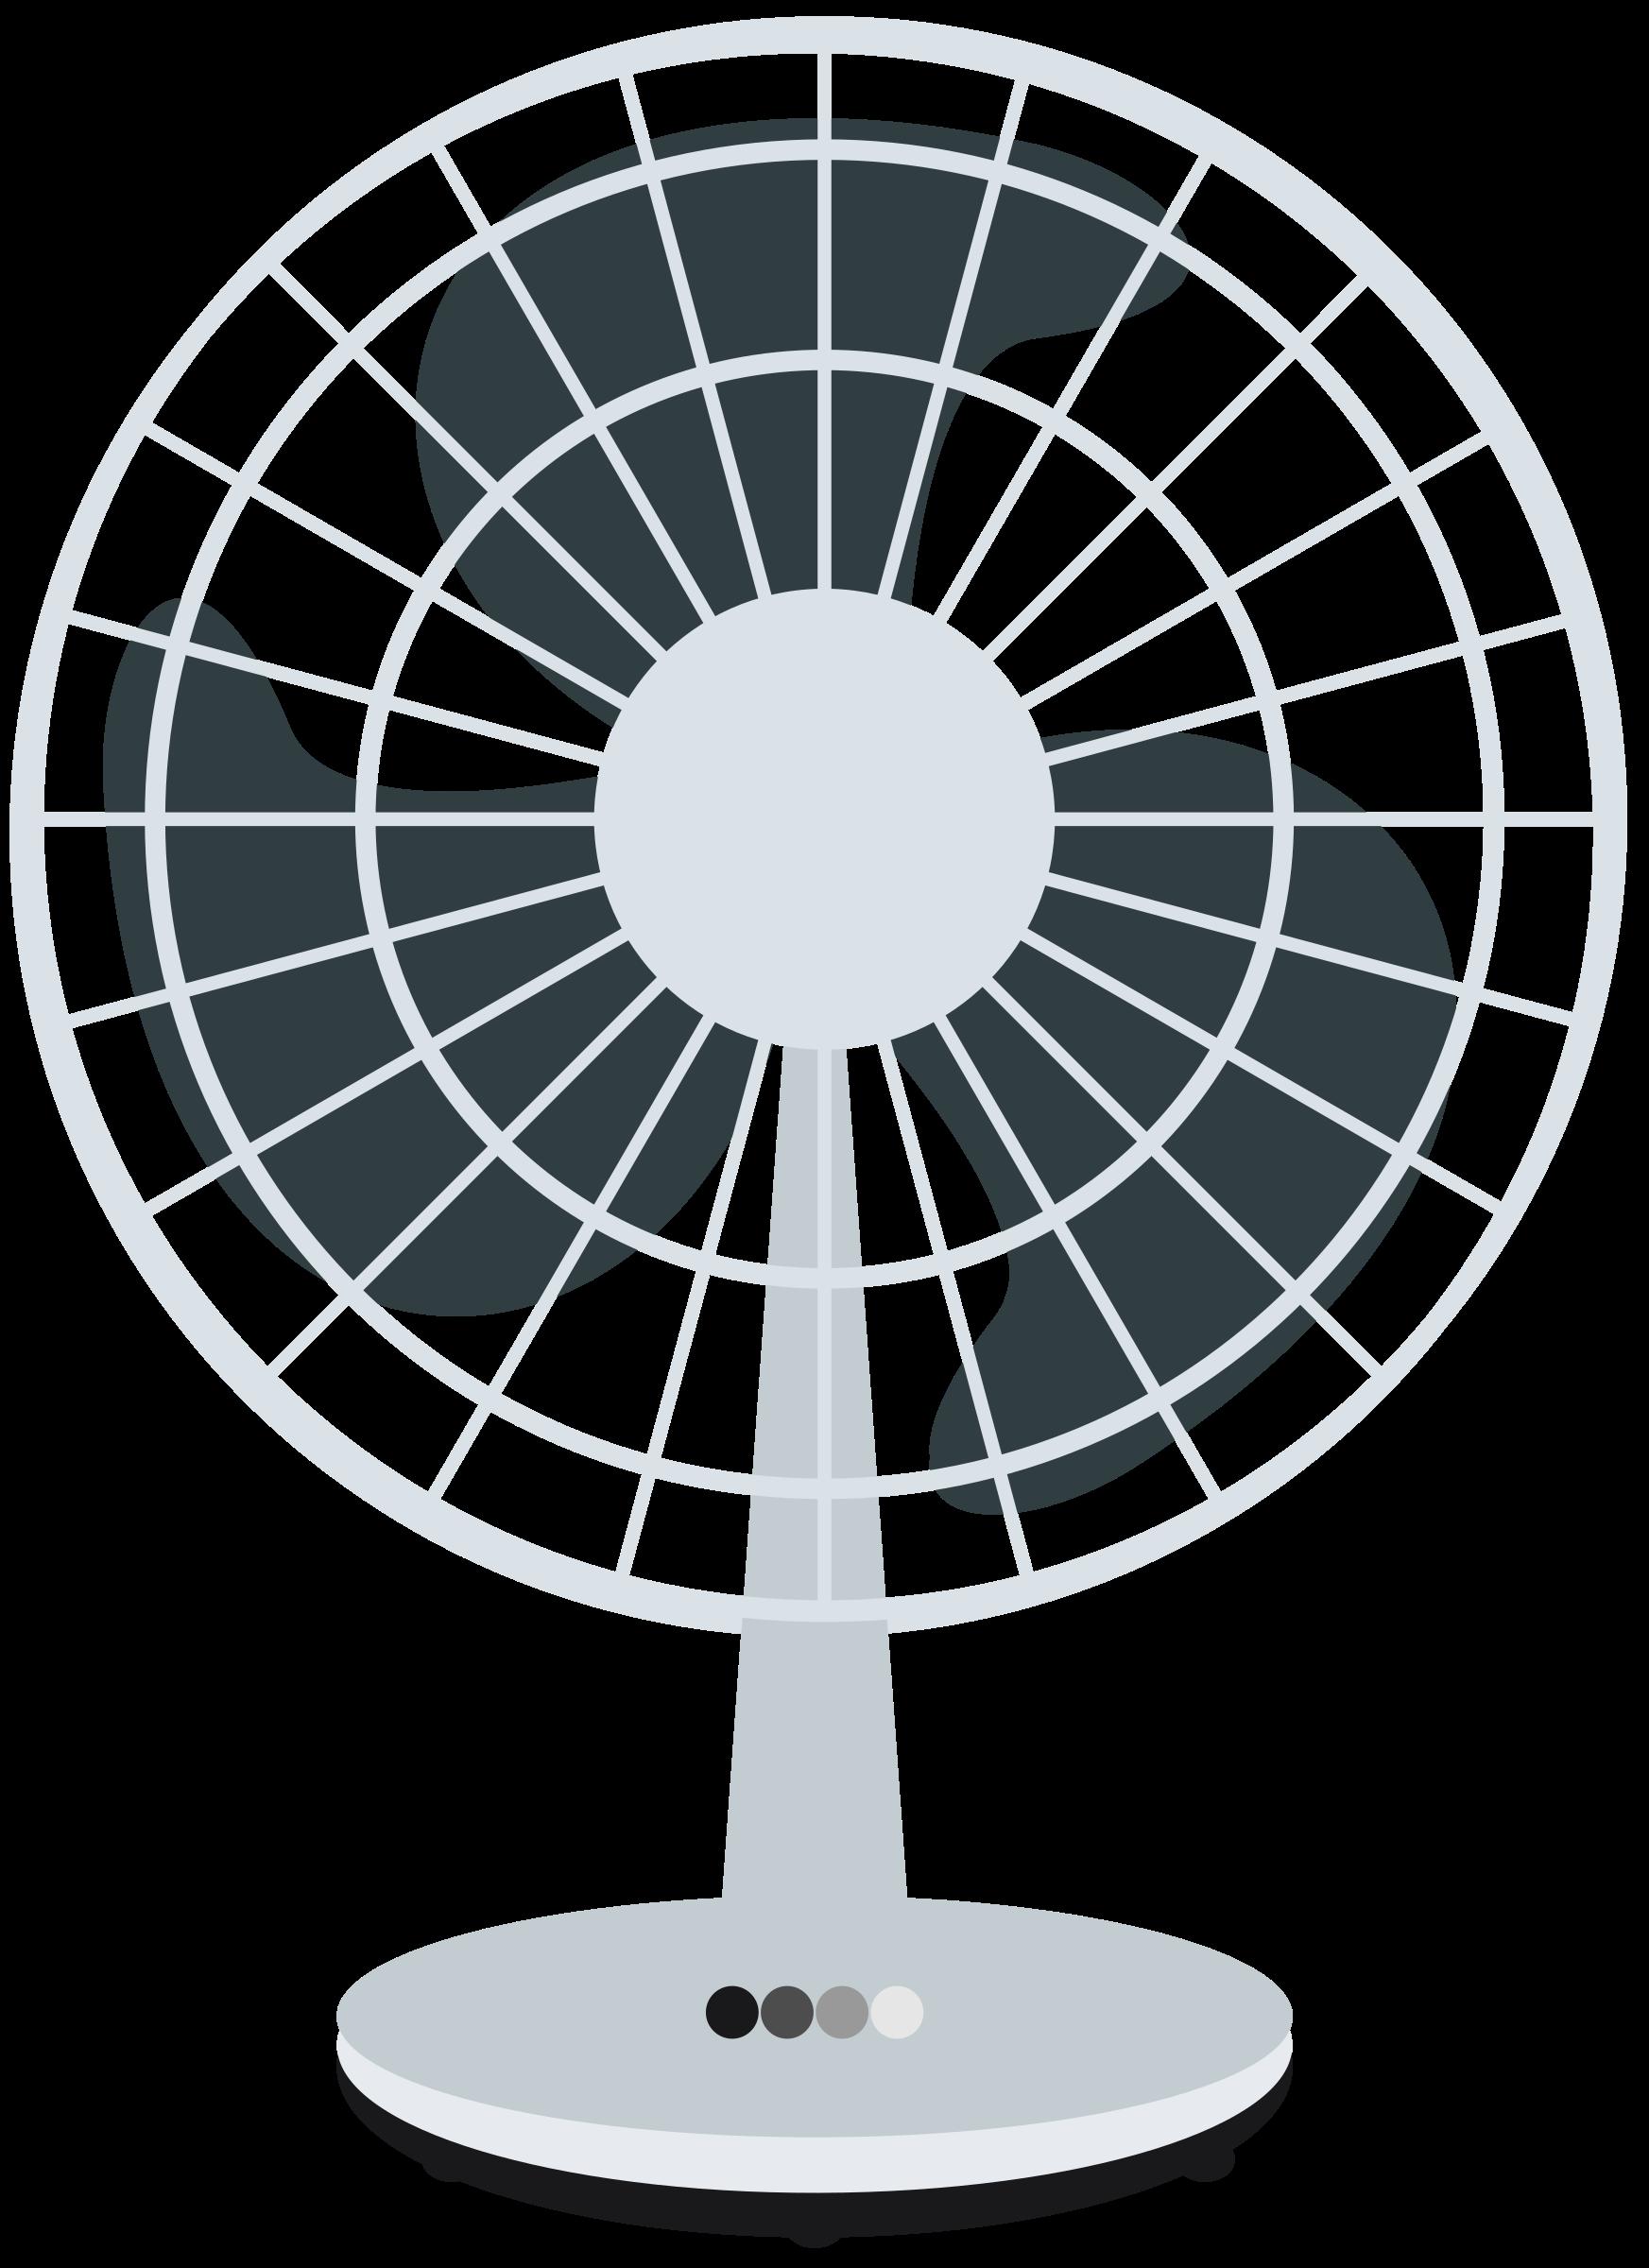 Fan PNG Image Fan, Hand fan, Clip art